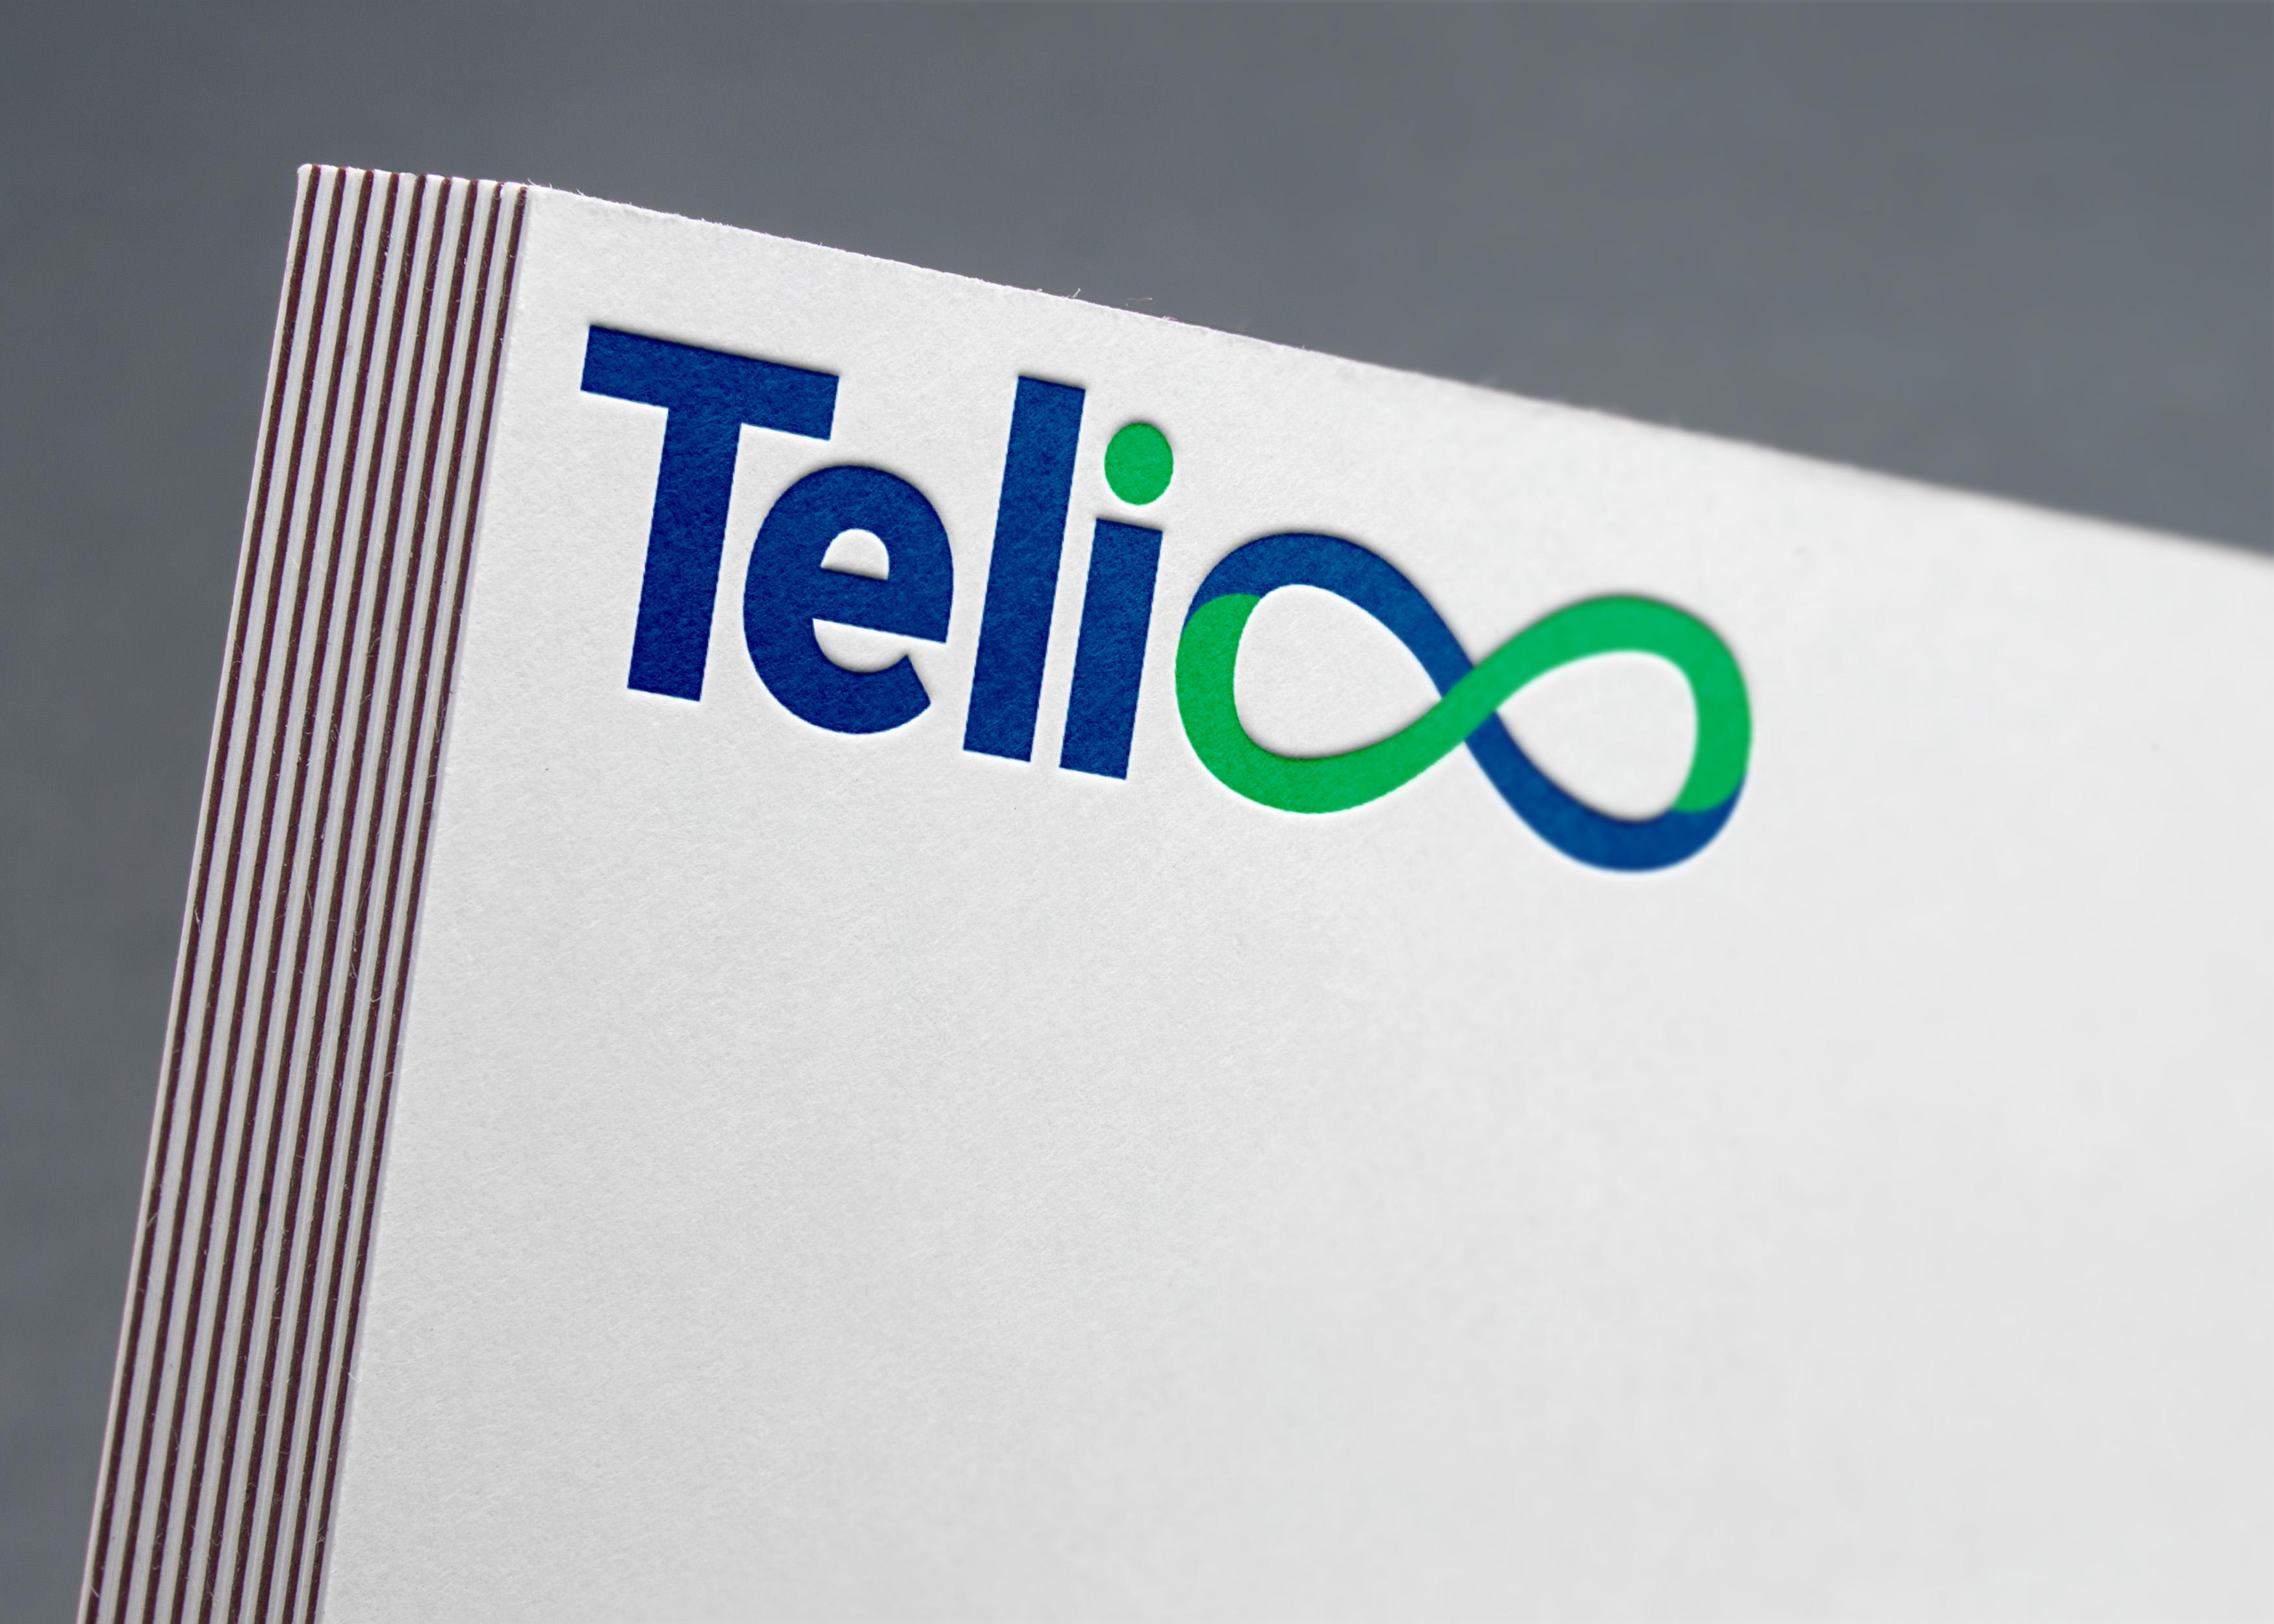 Разработка логотипа и фирменного стиля фото f_61958f9e550cb6e3.jpg